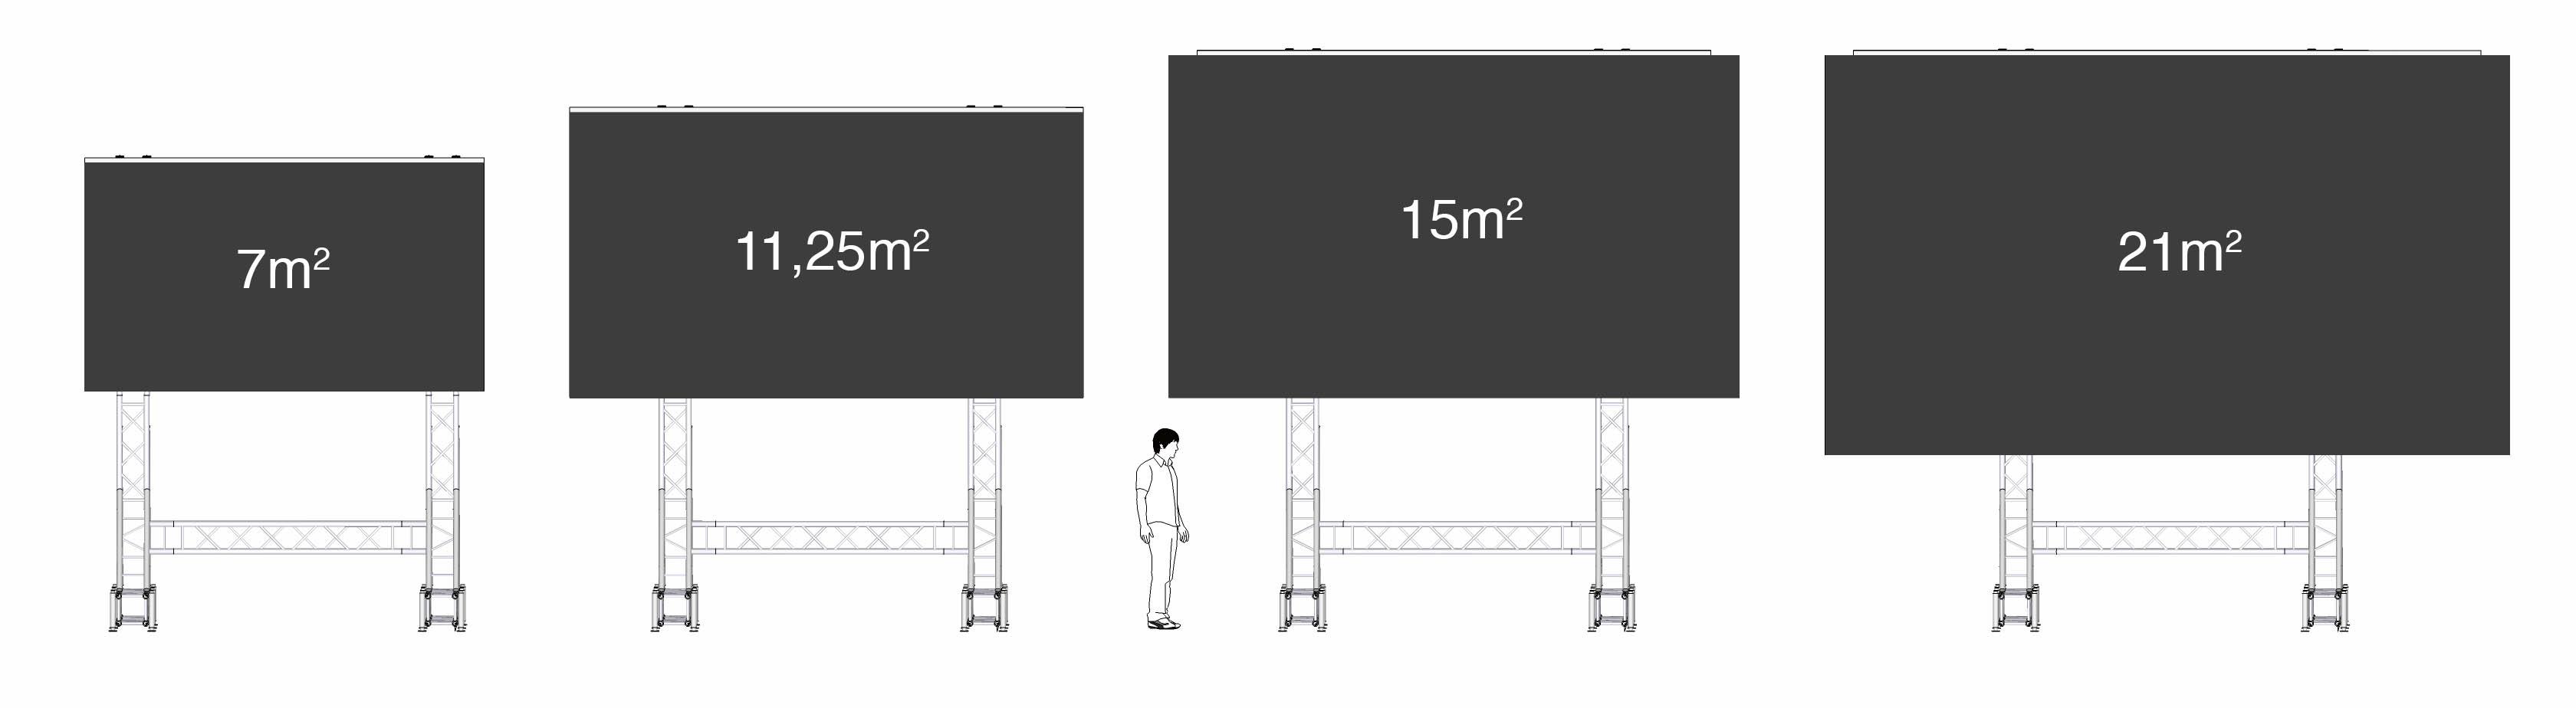 Visuell storleksjämförelse av Lets Displays mobila LED-skärmar